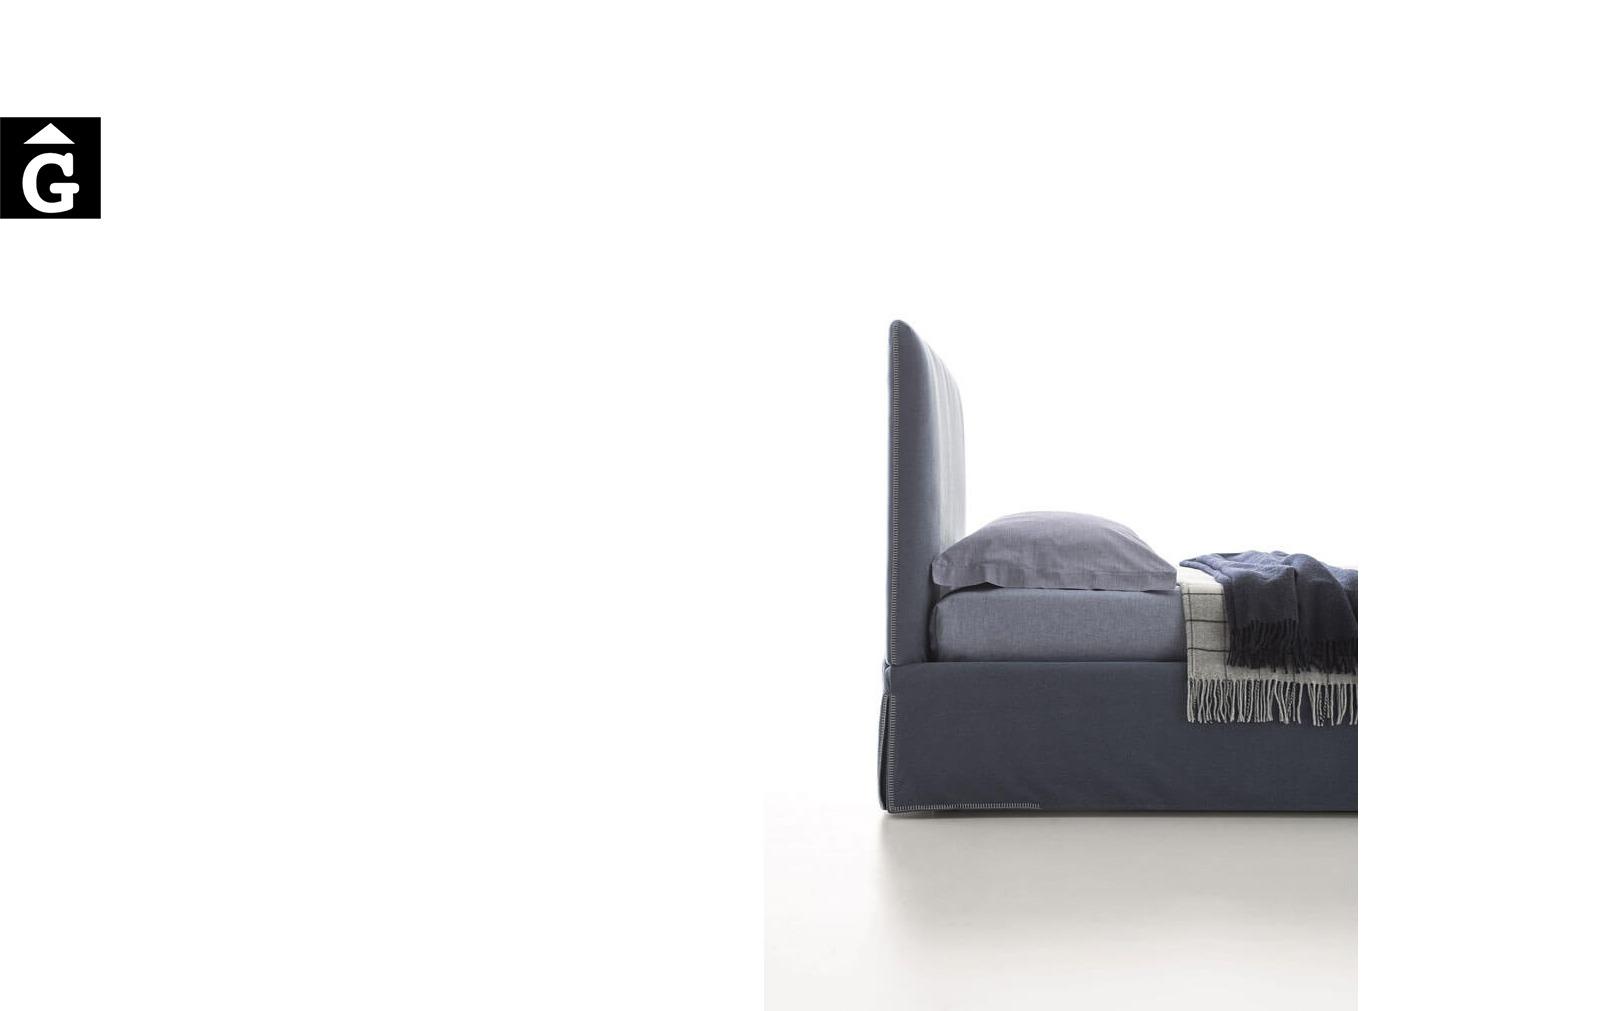 Llit Adele costura - Ditre Italia llits entapissats disseny i qualitat alta by mobles Gifreu